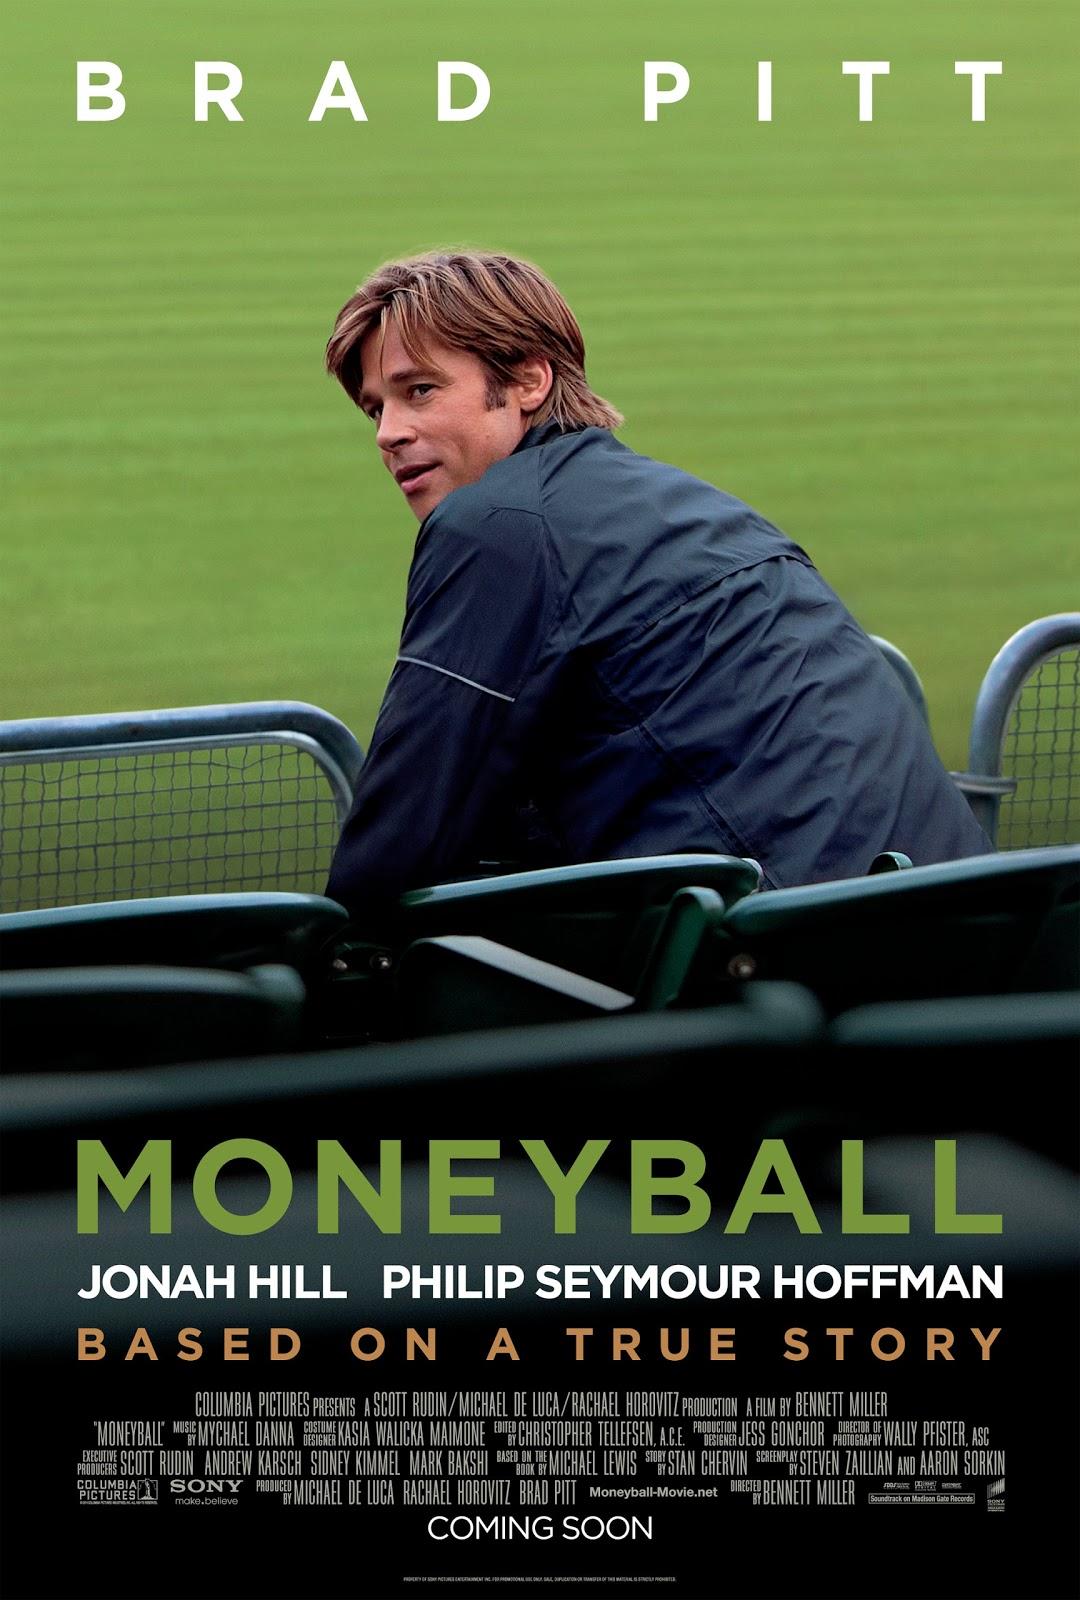 http://4.bp.blogspot.com/-qoYvDCHiPB8/Tn-4OGSRHCI/AAAAAAAADZU/YWEPnn3Ed4M/s1600/moneyball.jpg